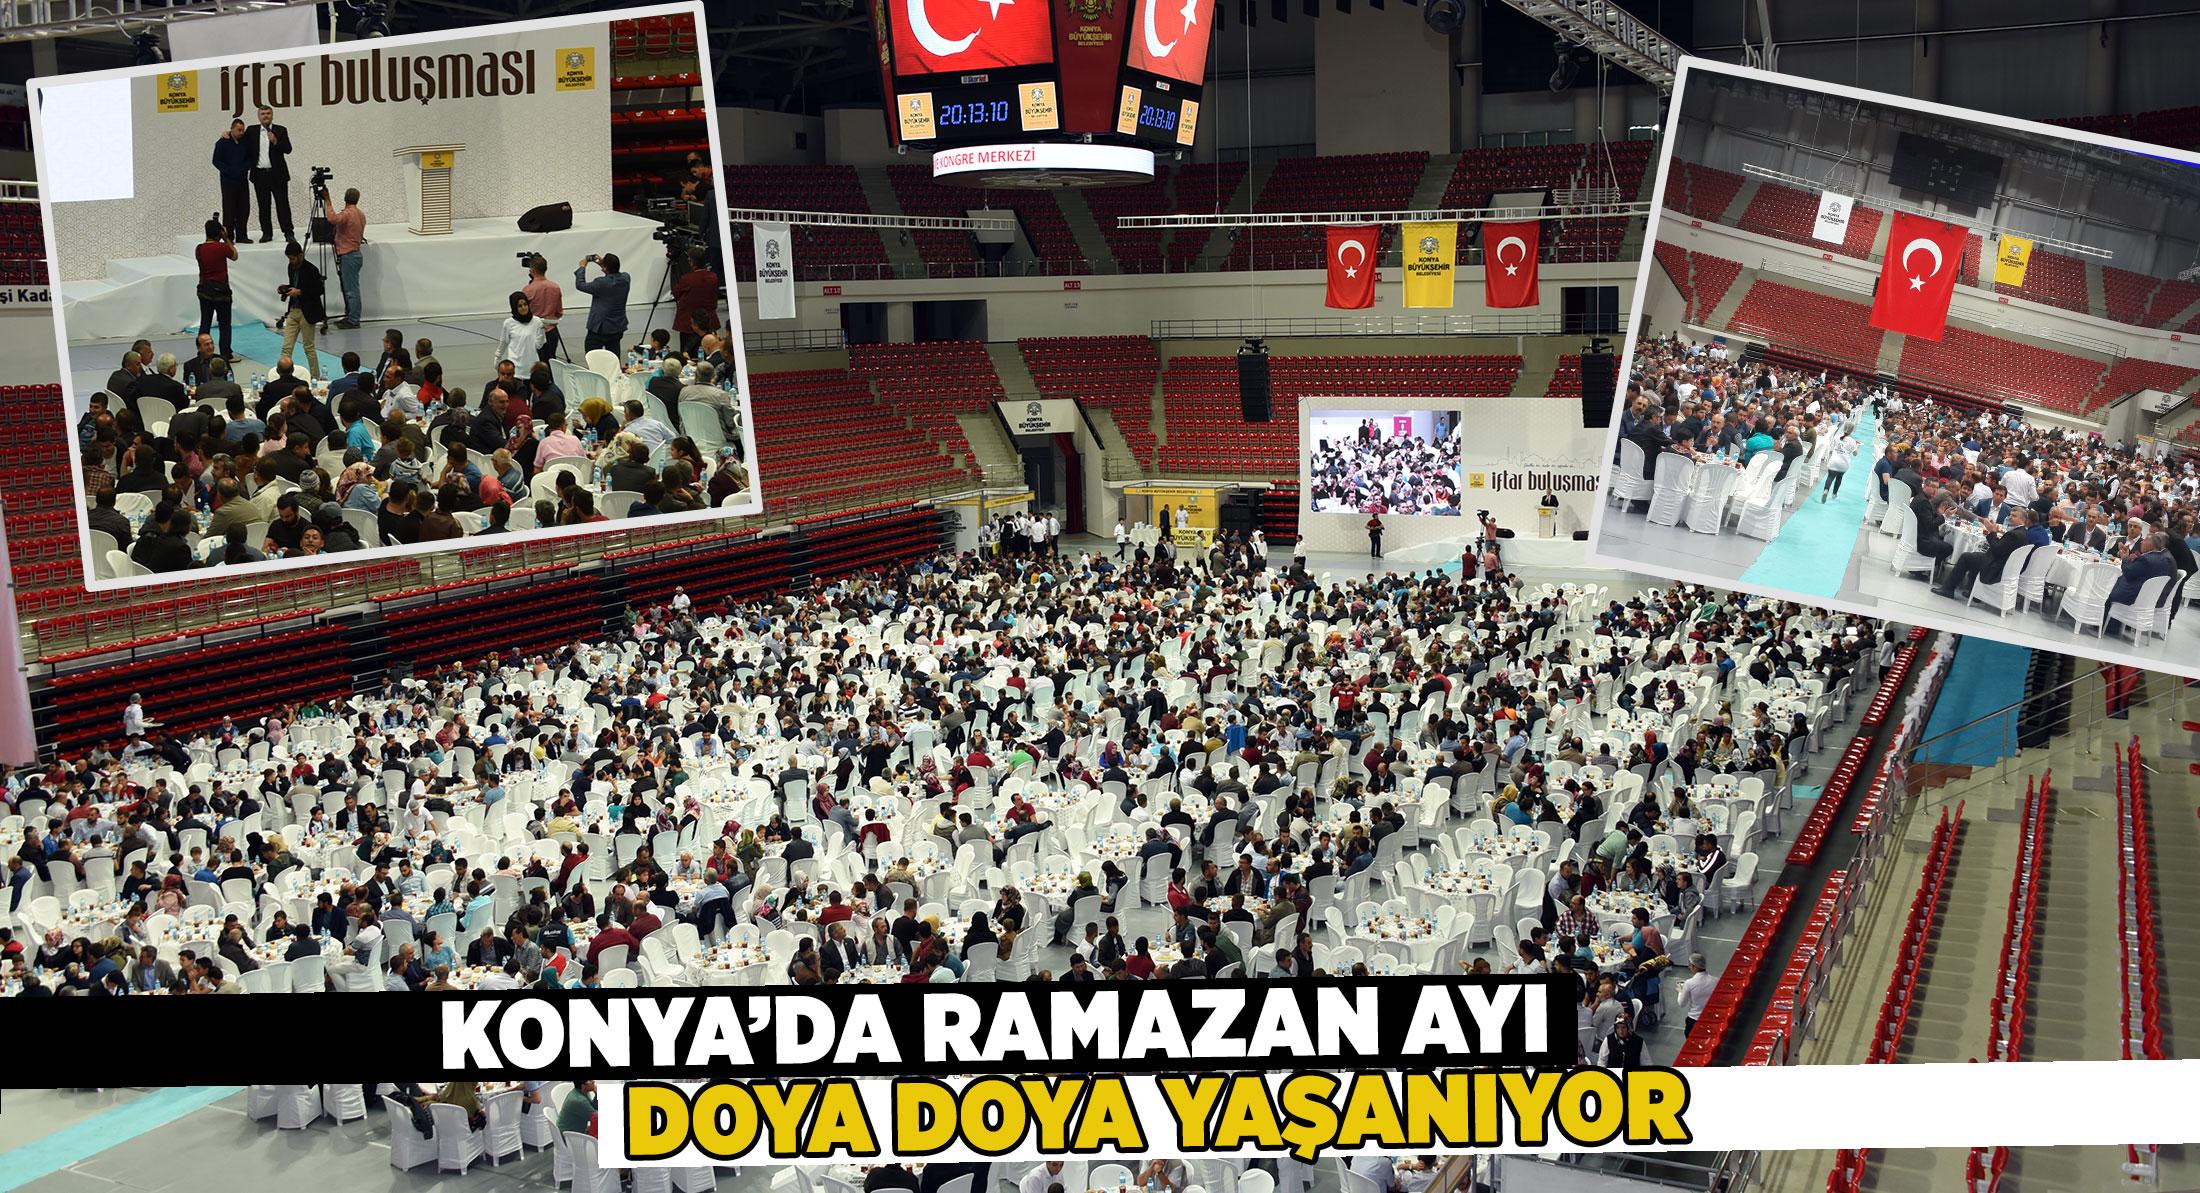 Konya'da Bahar Fotoğraf Yarışmasında Kazananlar Belli Oldu